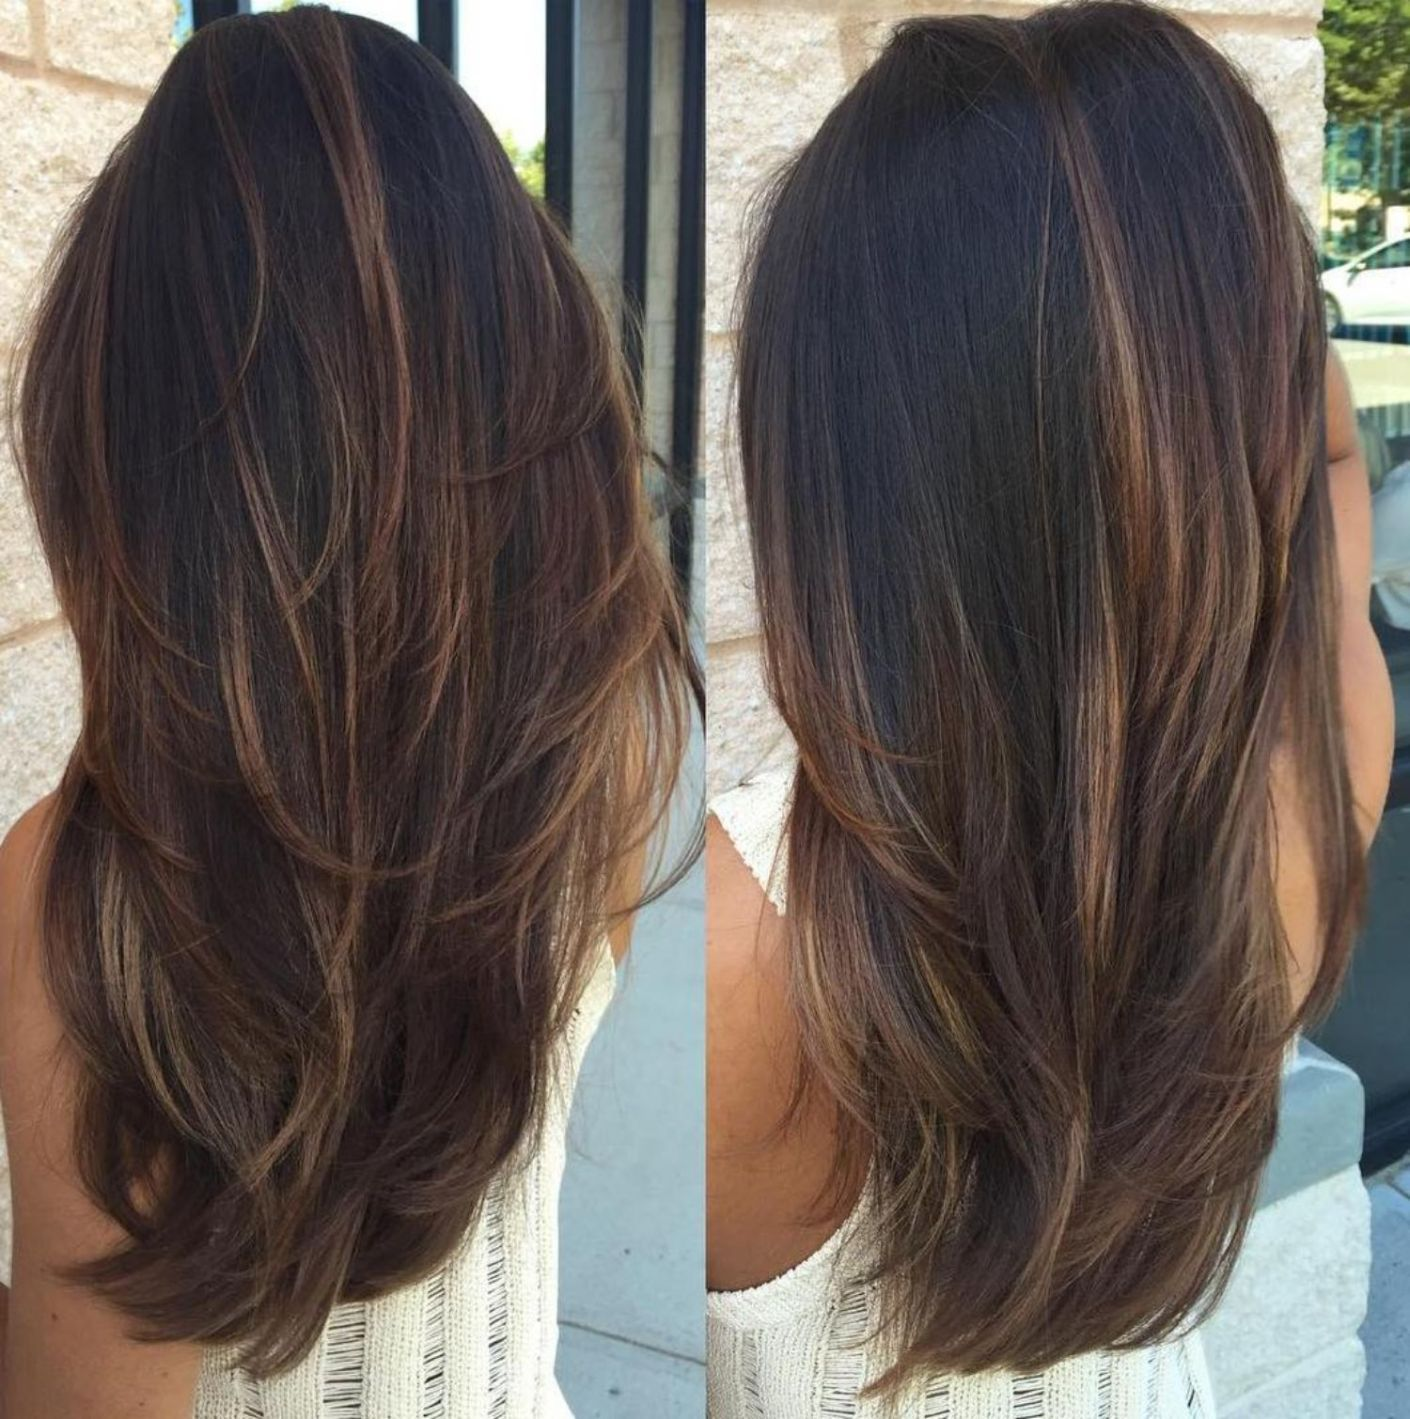 Pin On Kewl Hair